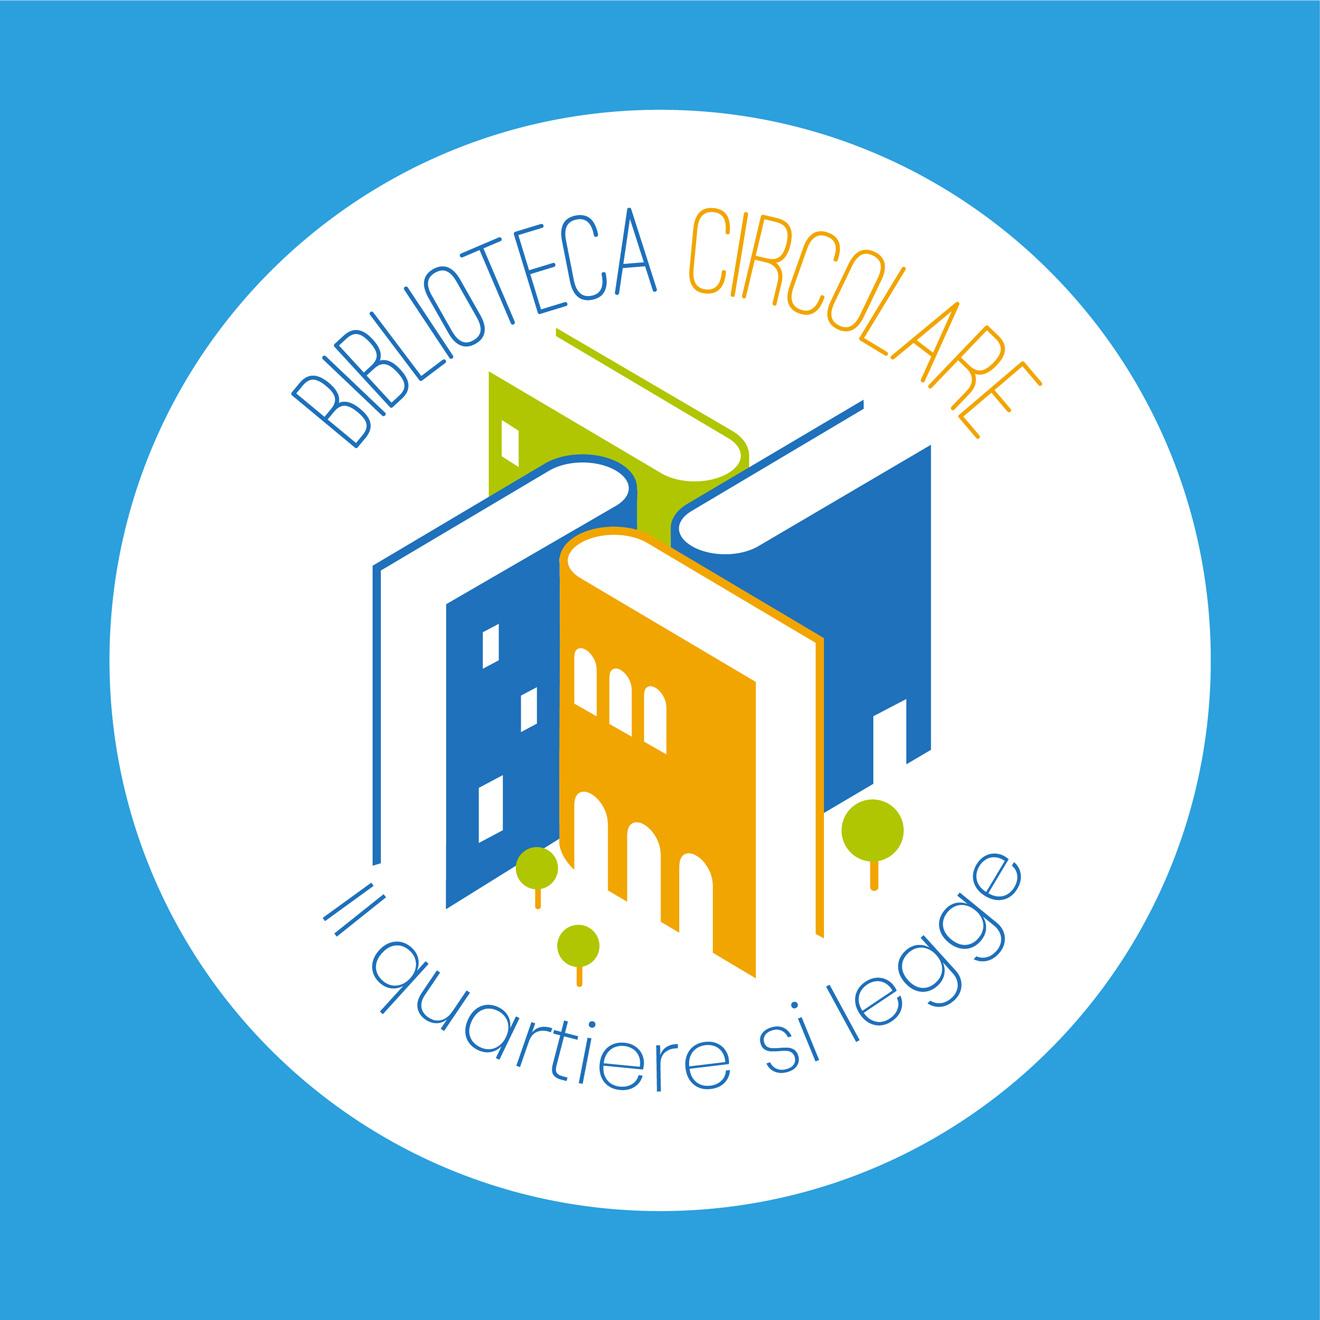 immagine coordinata - biblioteca circolare - logo